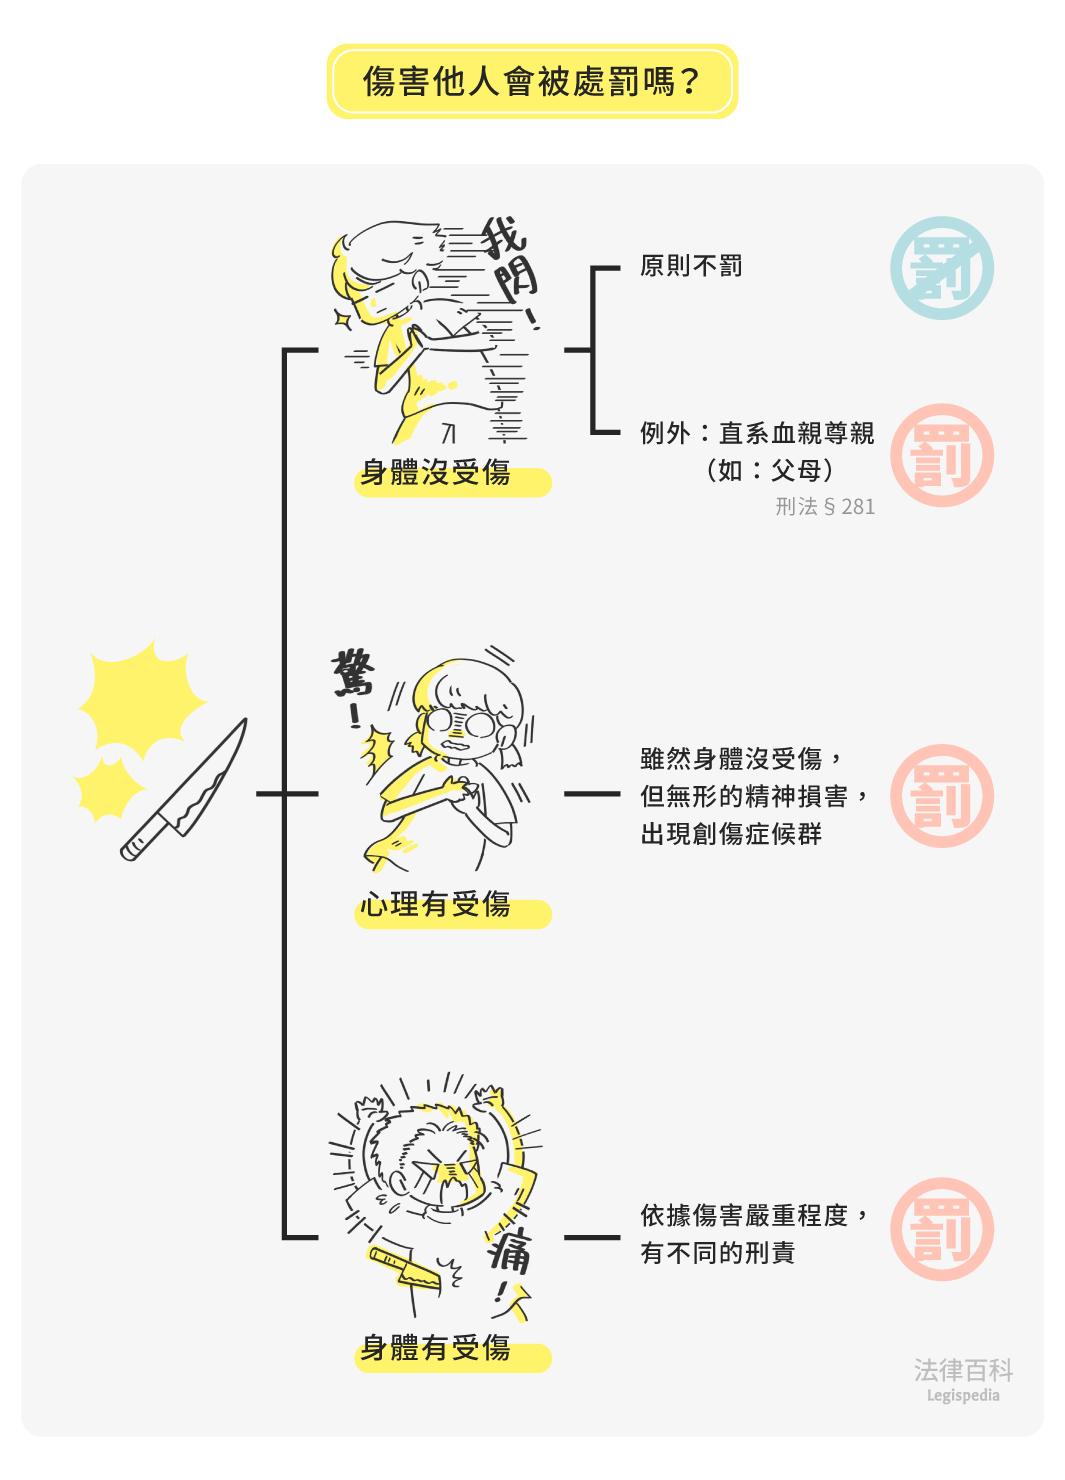 圖1 傷害他人會被處罰嗎?||資料來源:吳景欽 / 繪圖:Yen